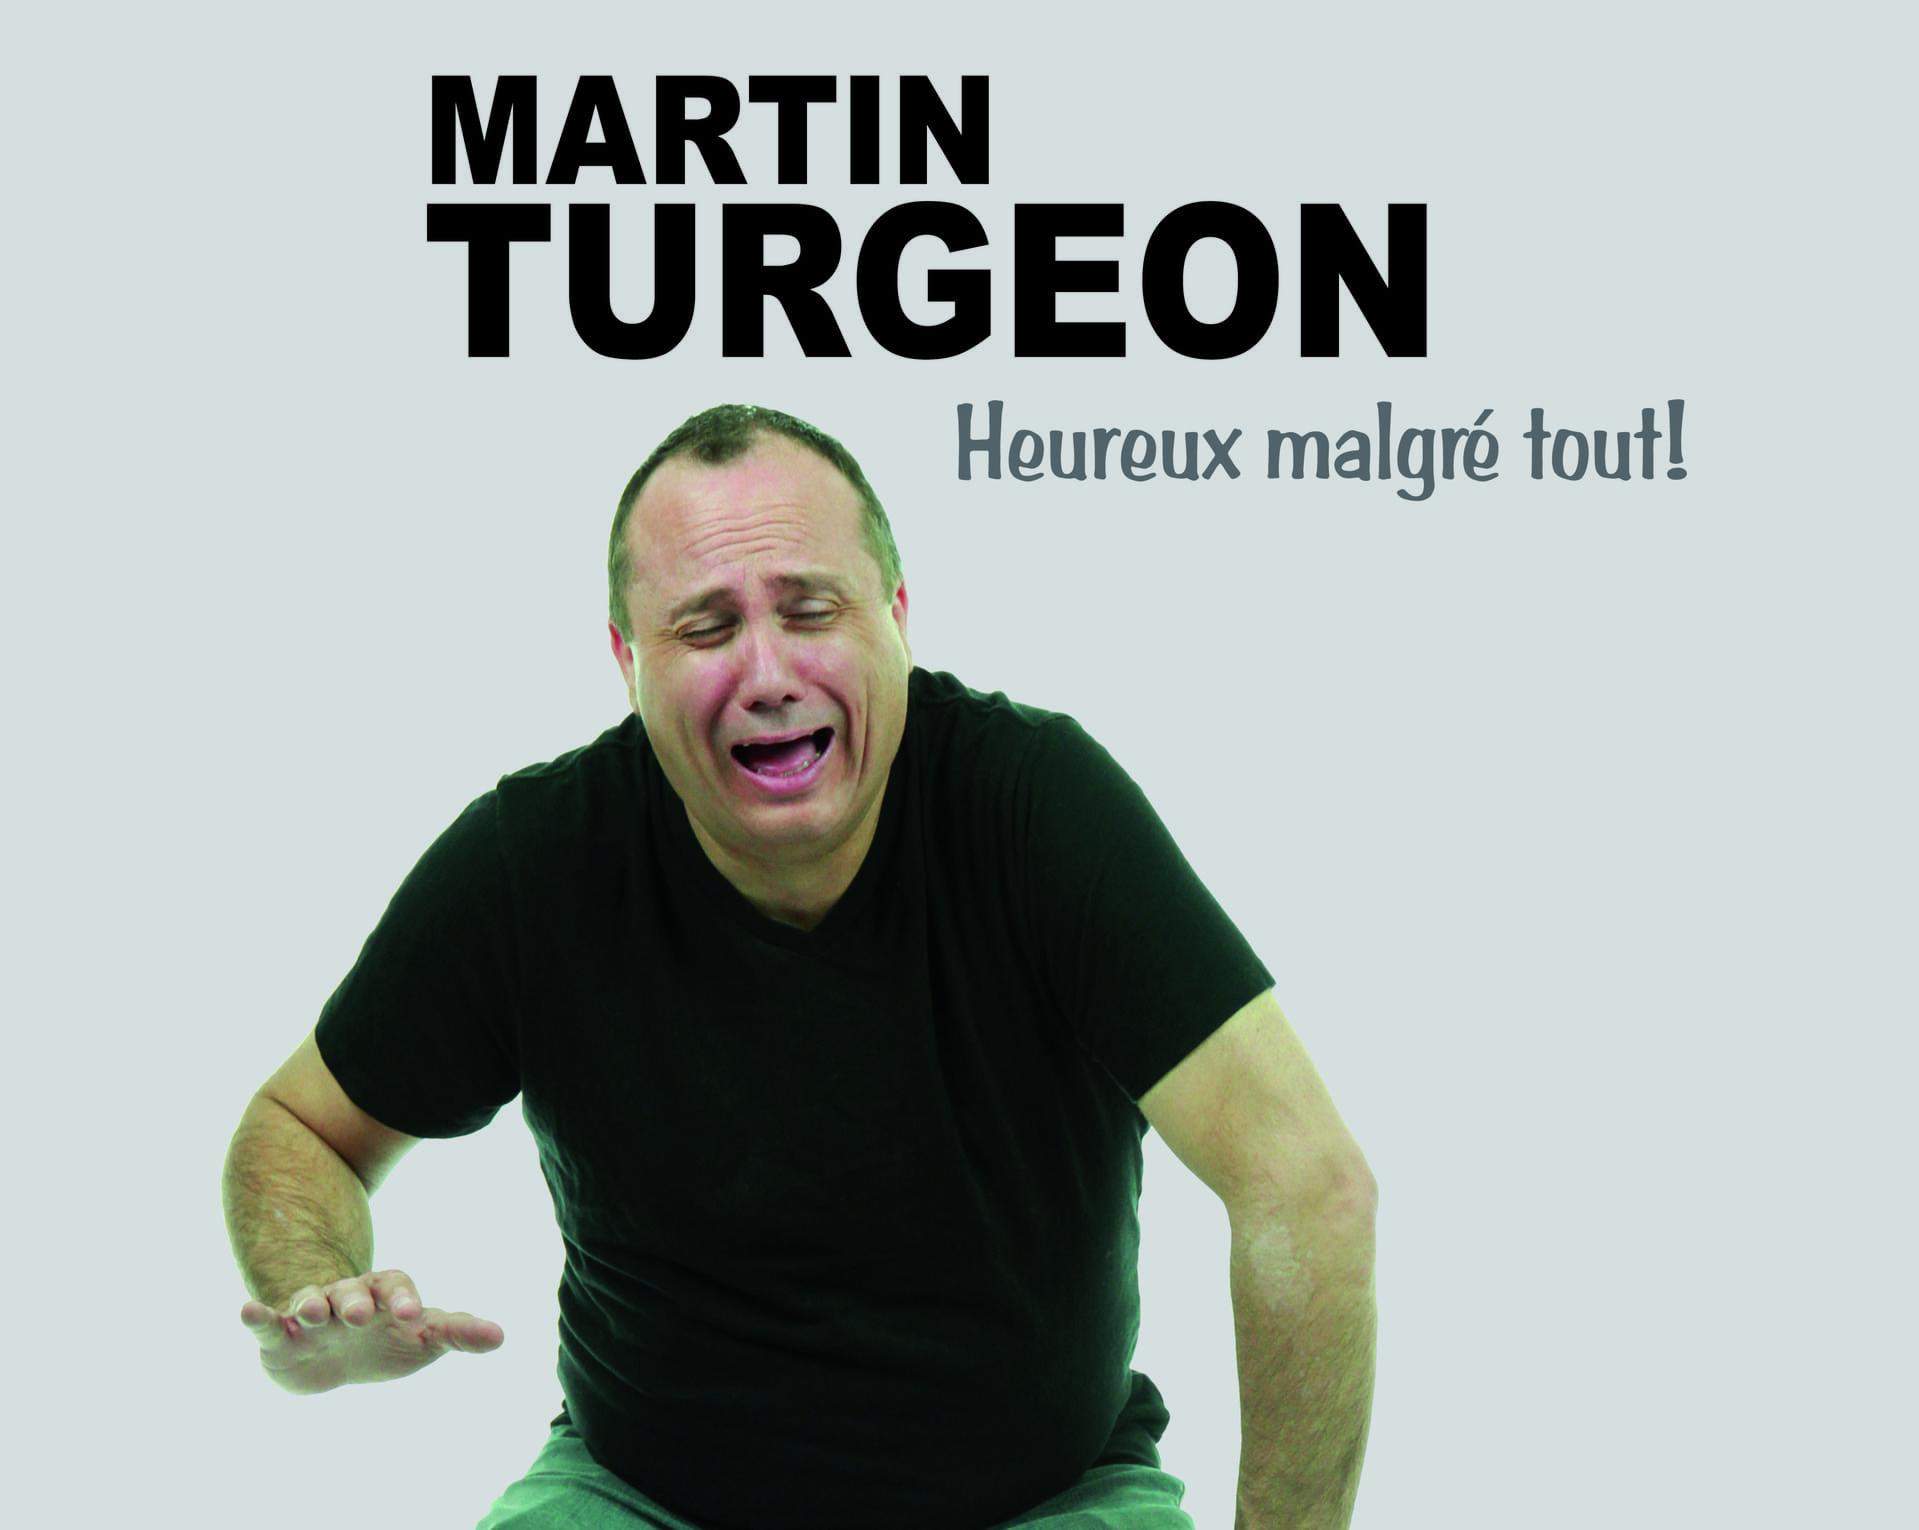 Martin Turgeon, humoriste